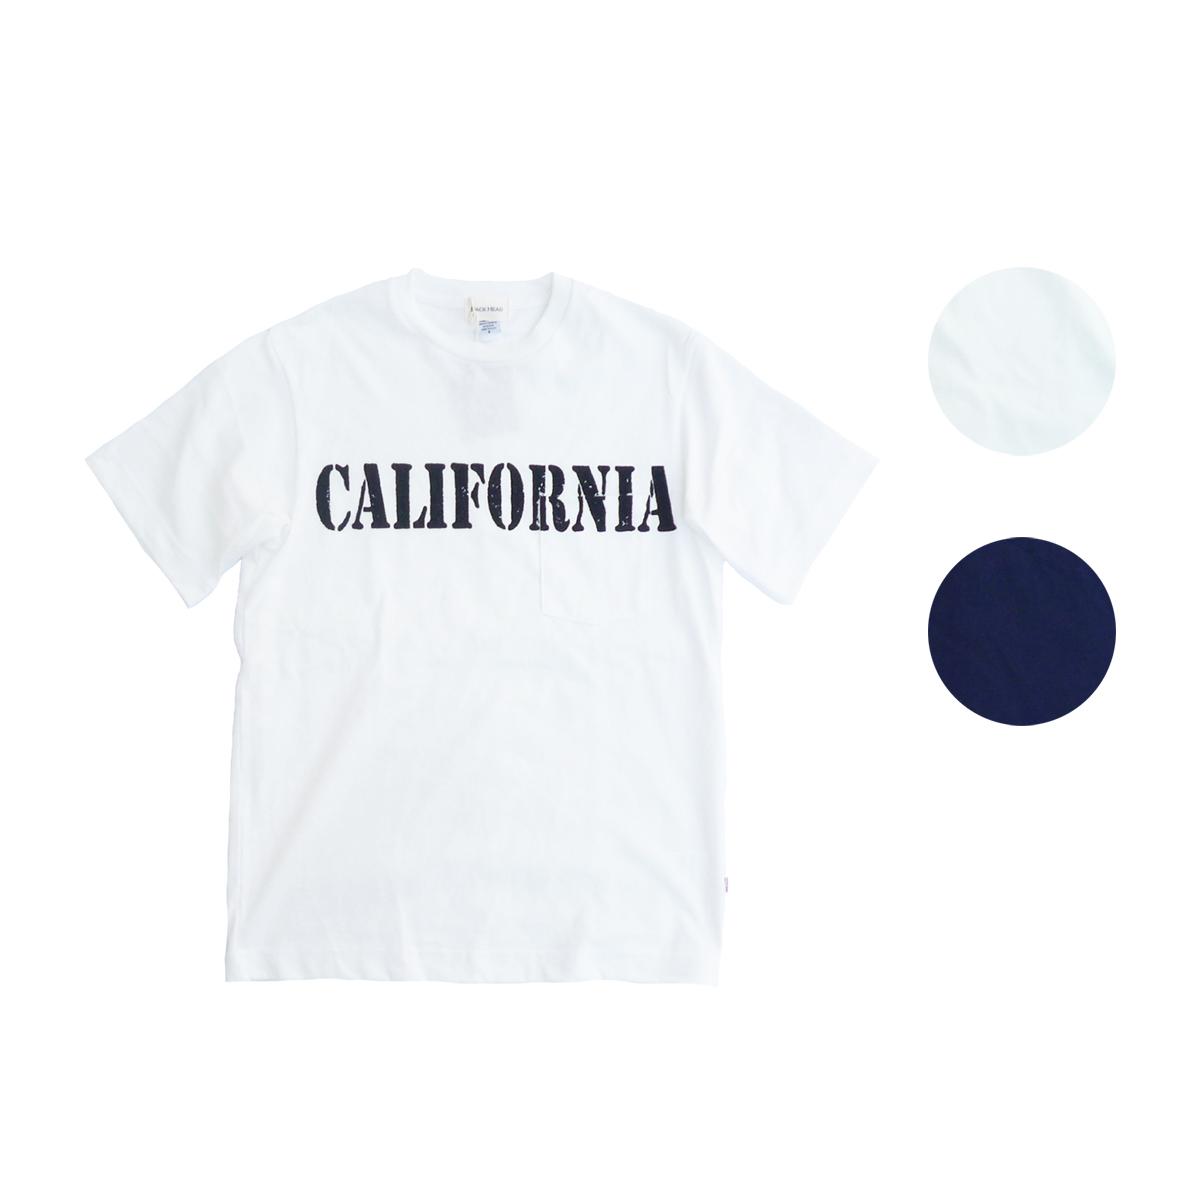 画像1: BACK HEAD バックヘッド STAMP POCKET TEE CALIFORNIA 全2色 メンズ/レディース (1)